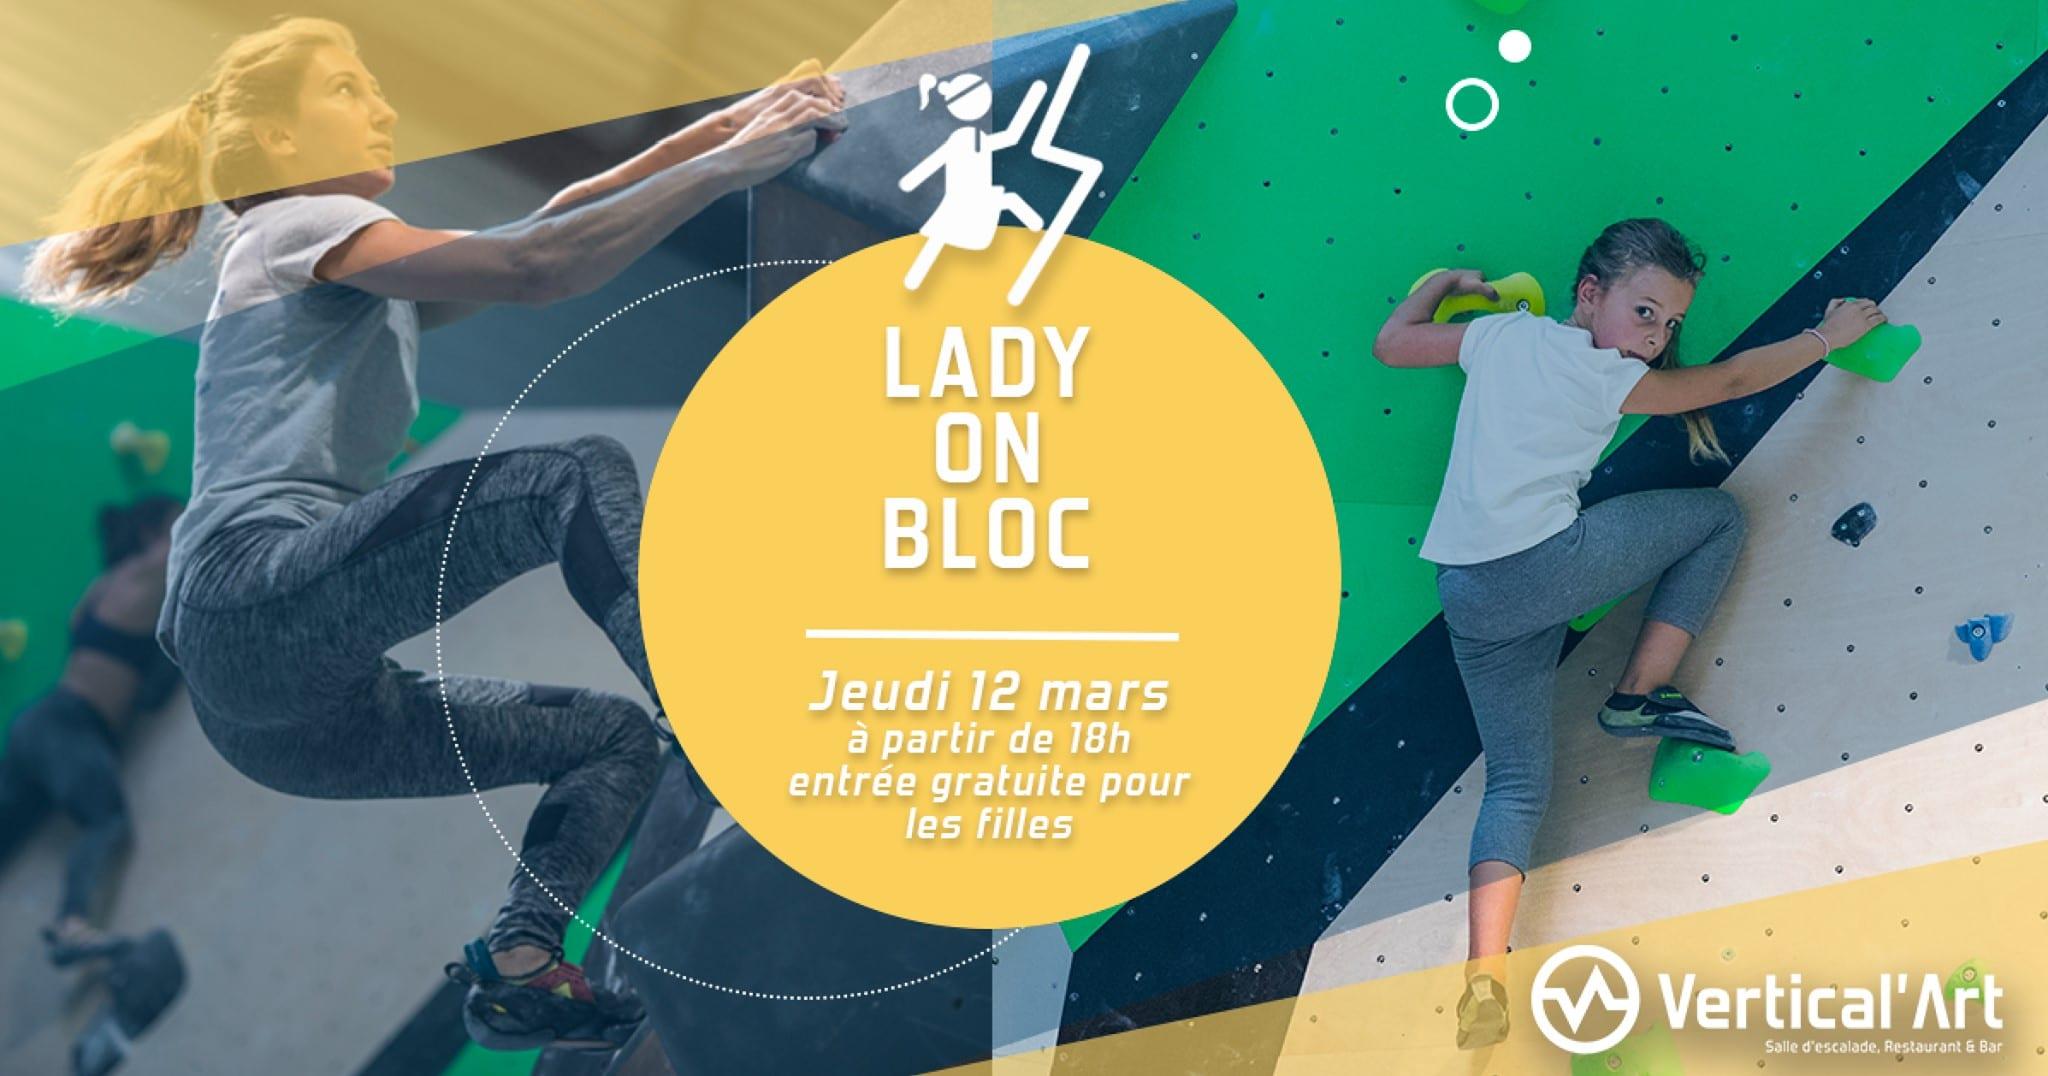 Vertical'Art Lille - Lady on bloc - Soirée Filles - Gratuit pour les filles